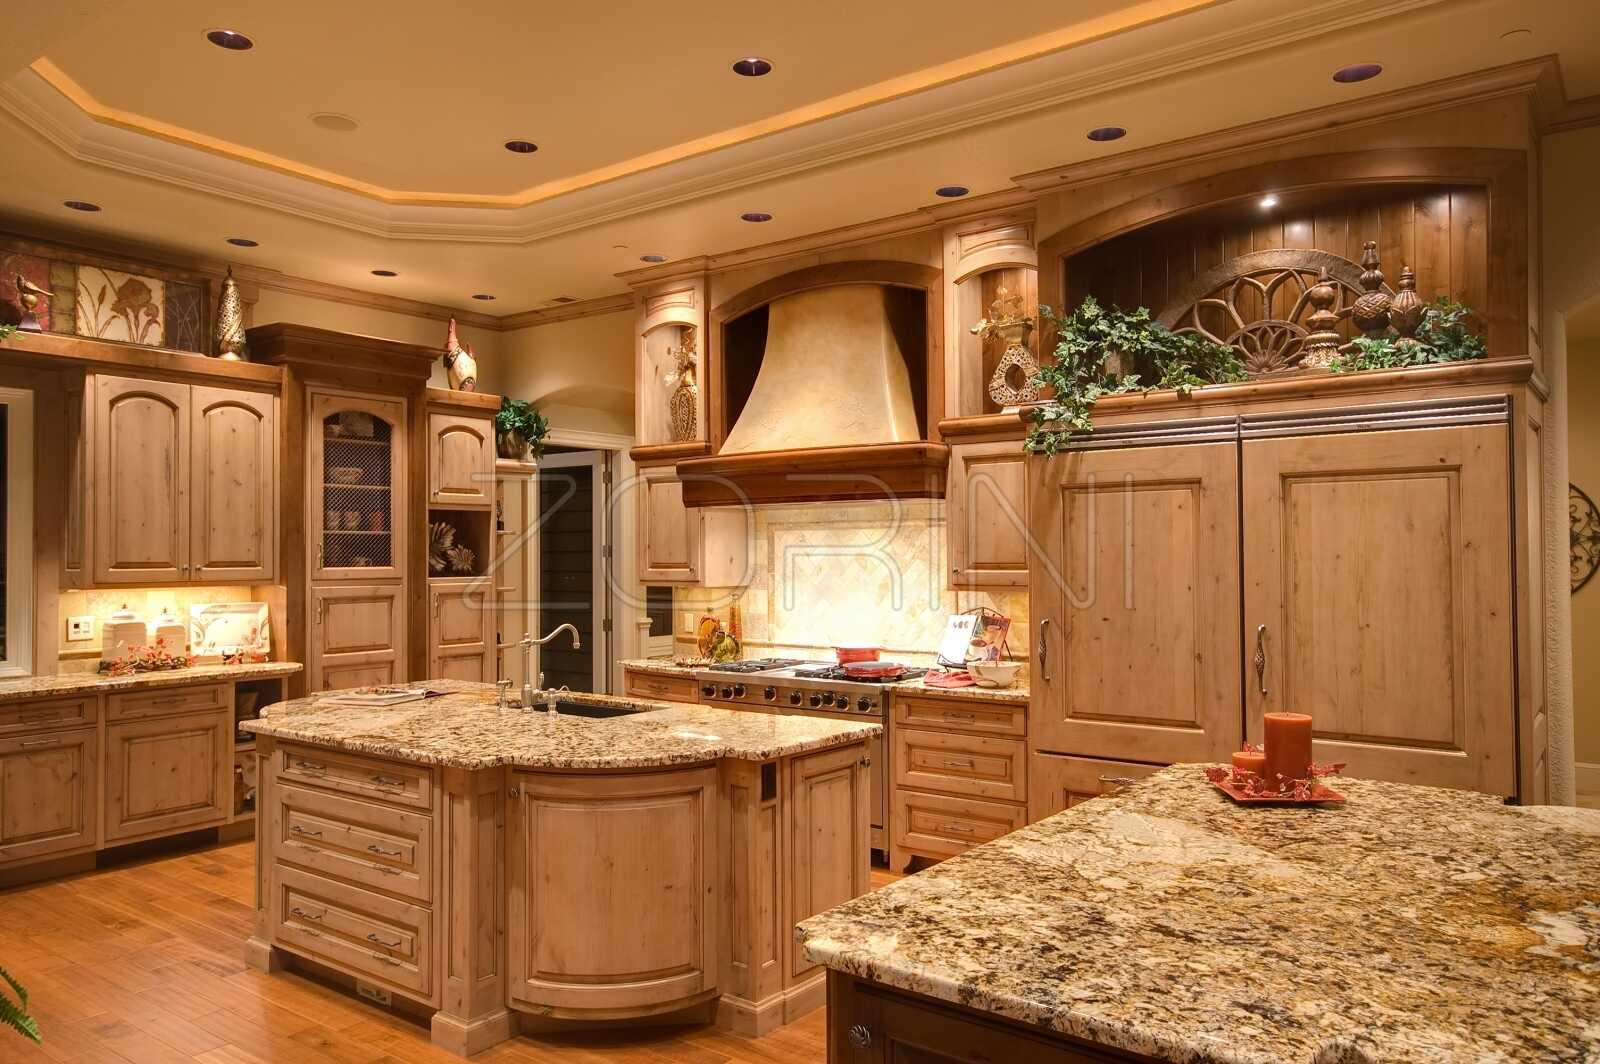 когда-нибудь дорогие красивые кухни фото оно пути отдыхающих